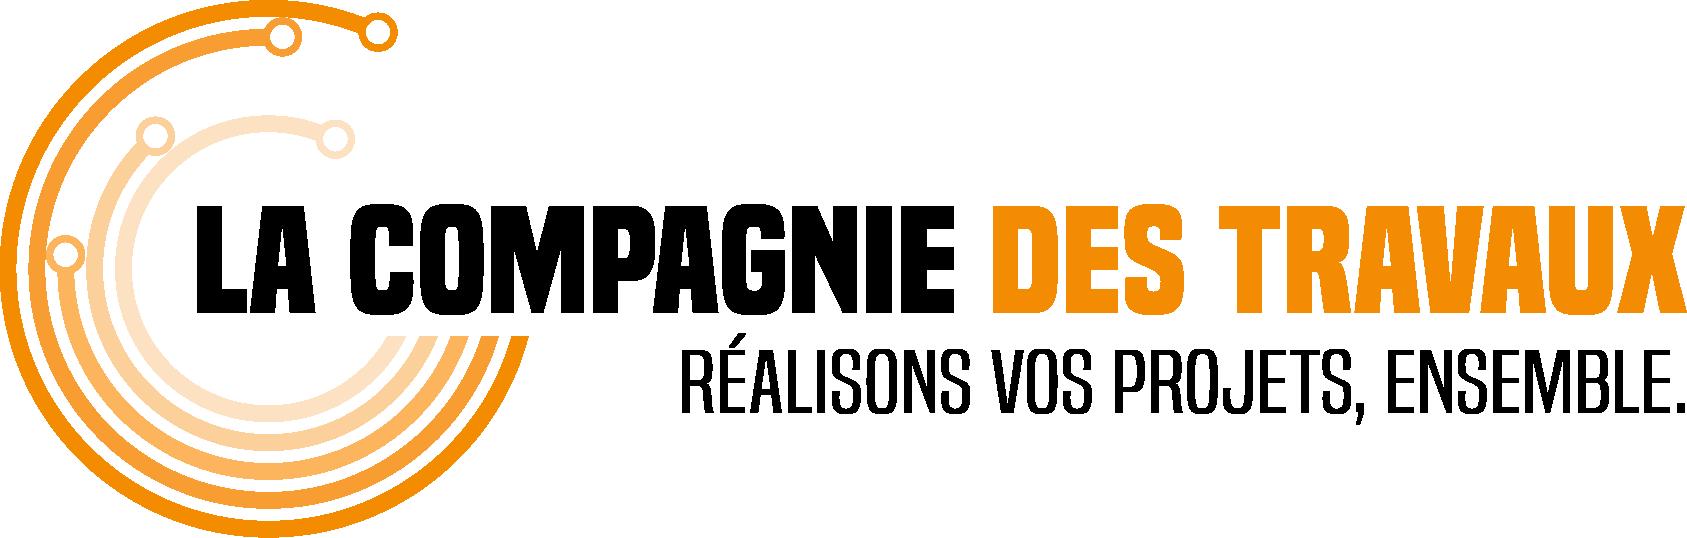 La compagnie des Travaux Logo